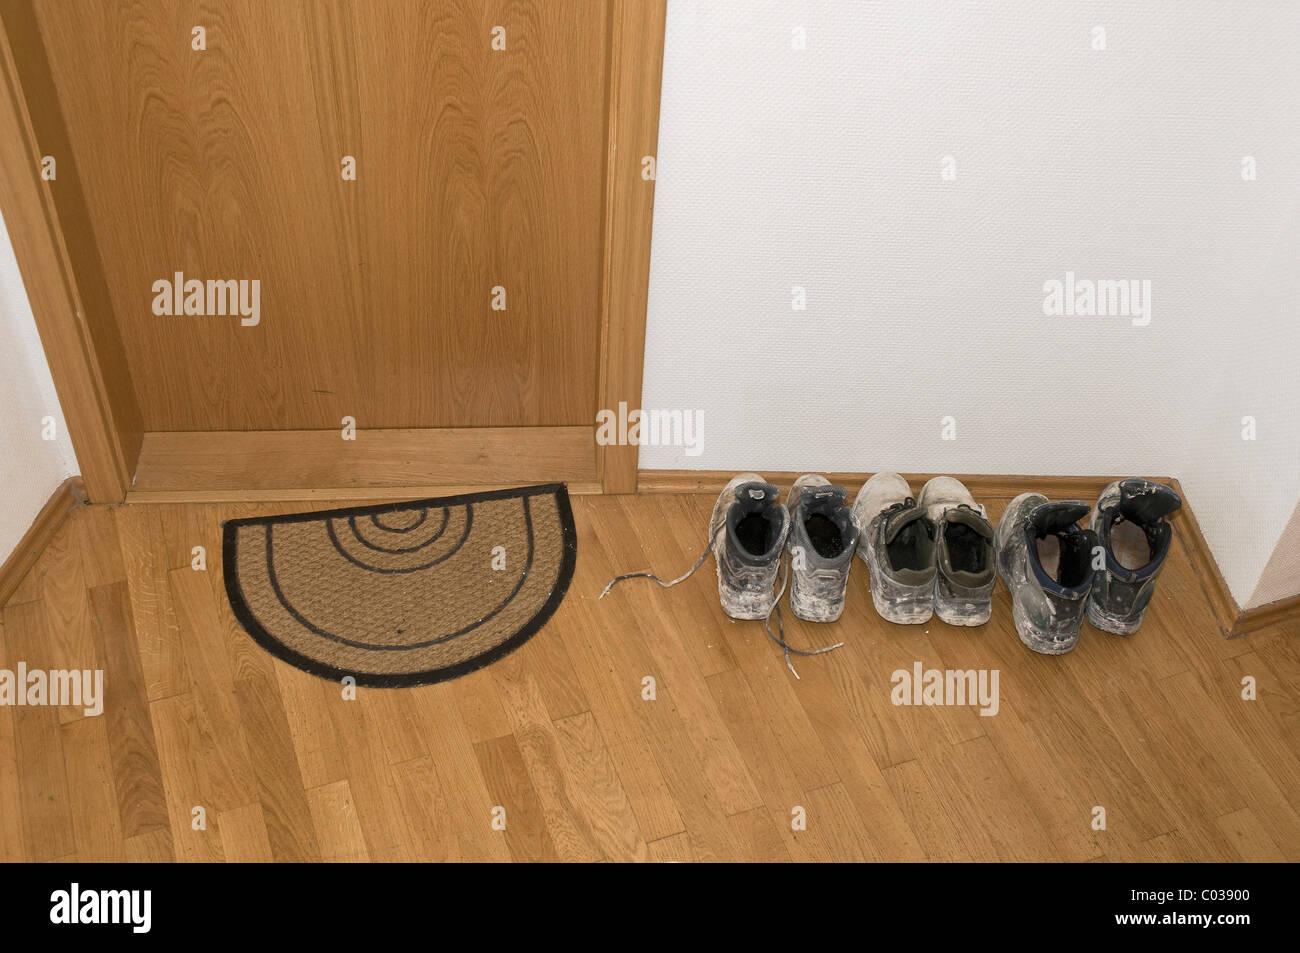 Zapatos sucios en el pasillo junto a la puerta de entrada a un edificio de apartamentos. Imagen De Stock